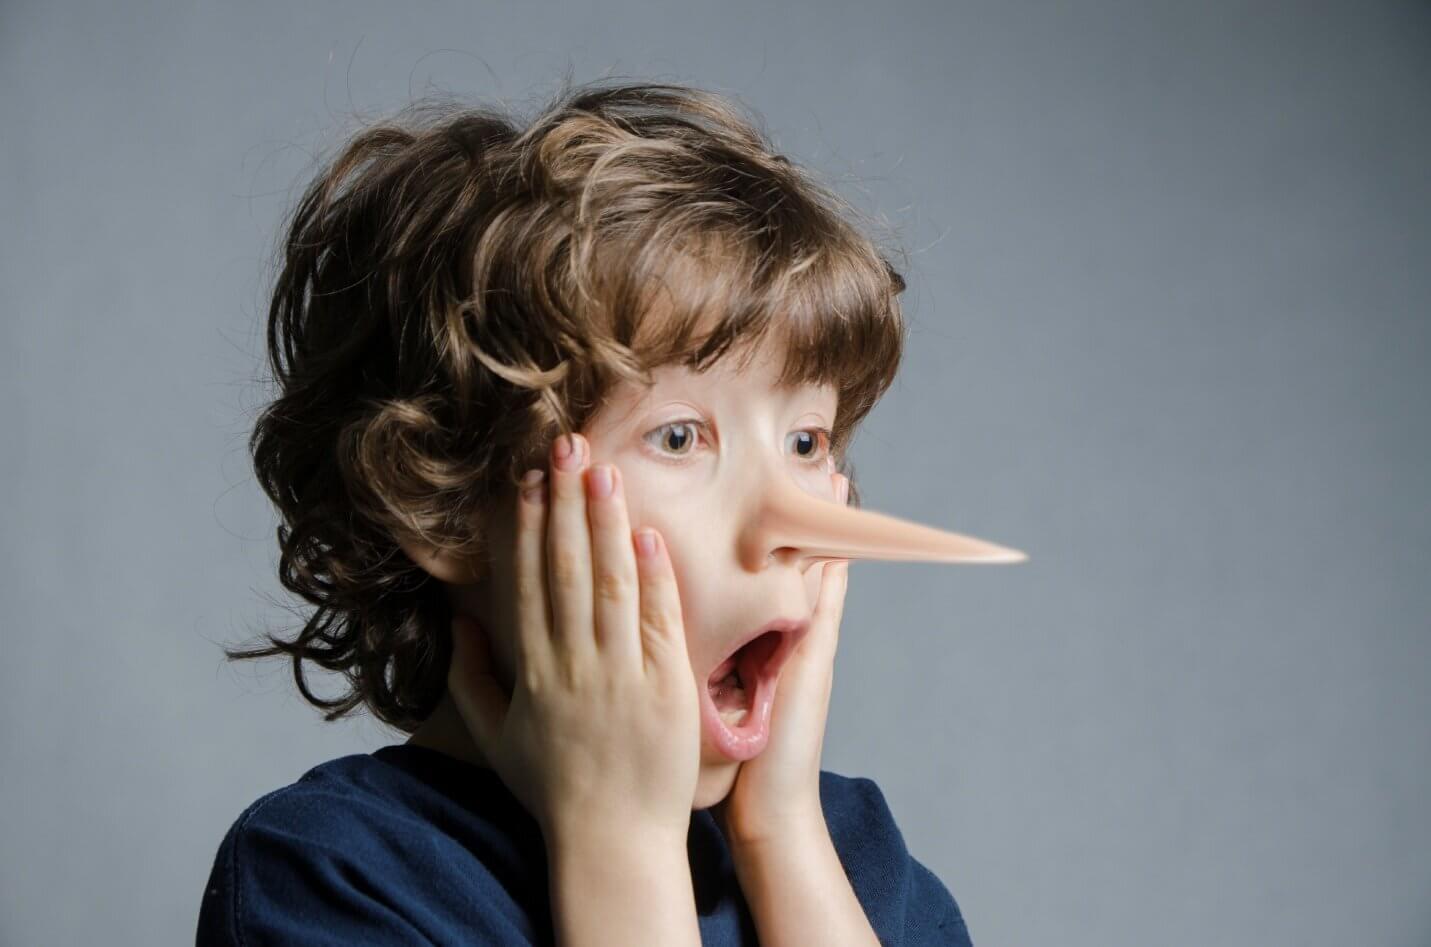 Как отучить ребенка обманывать: 5 эффективных наказаний для врунишек